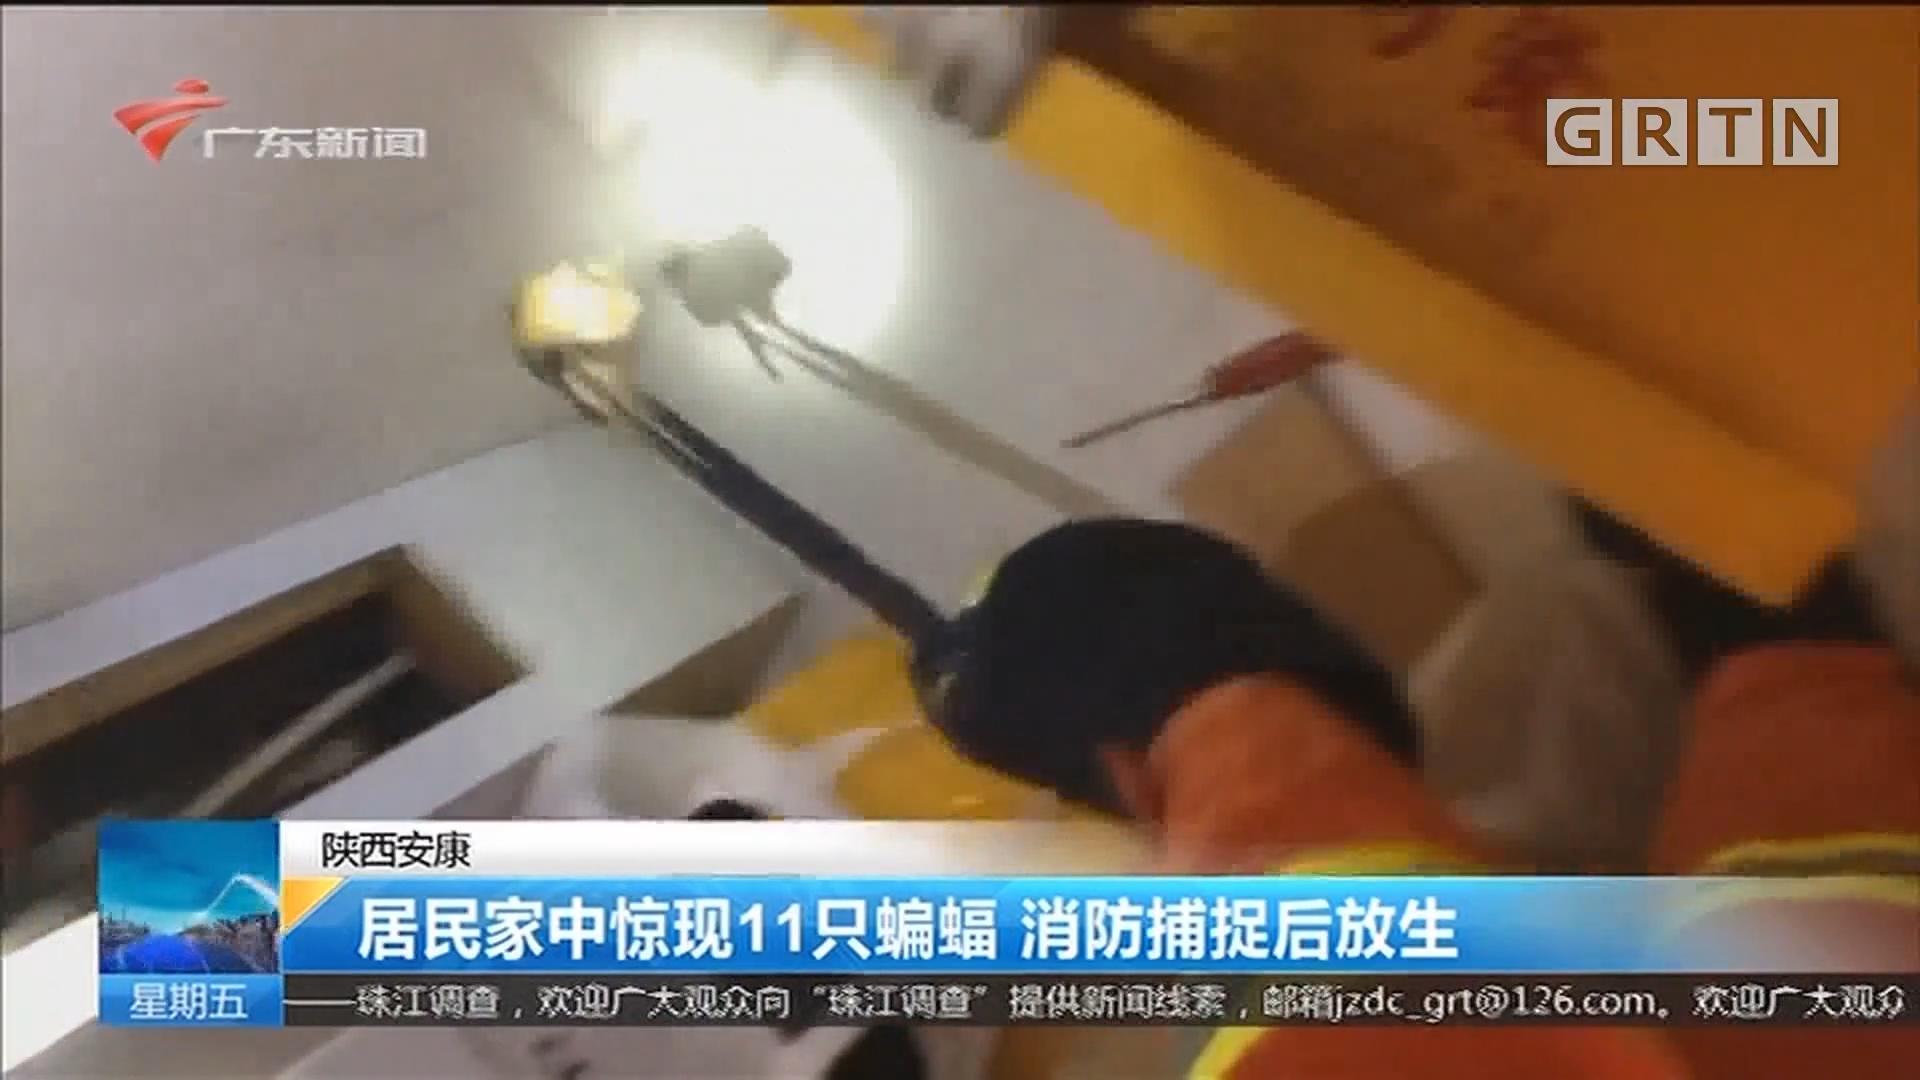 陕西安康:居民家中惊现11只蝙蝠 消防捕捉后放生